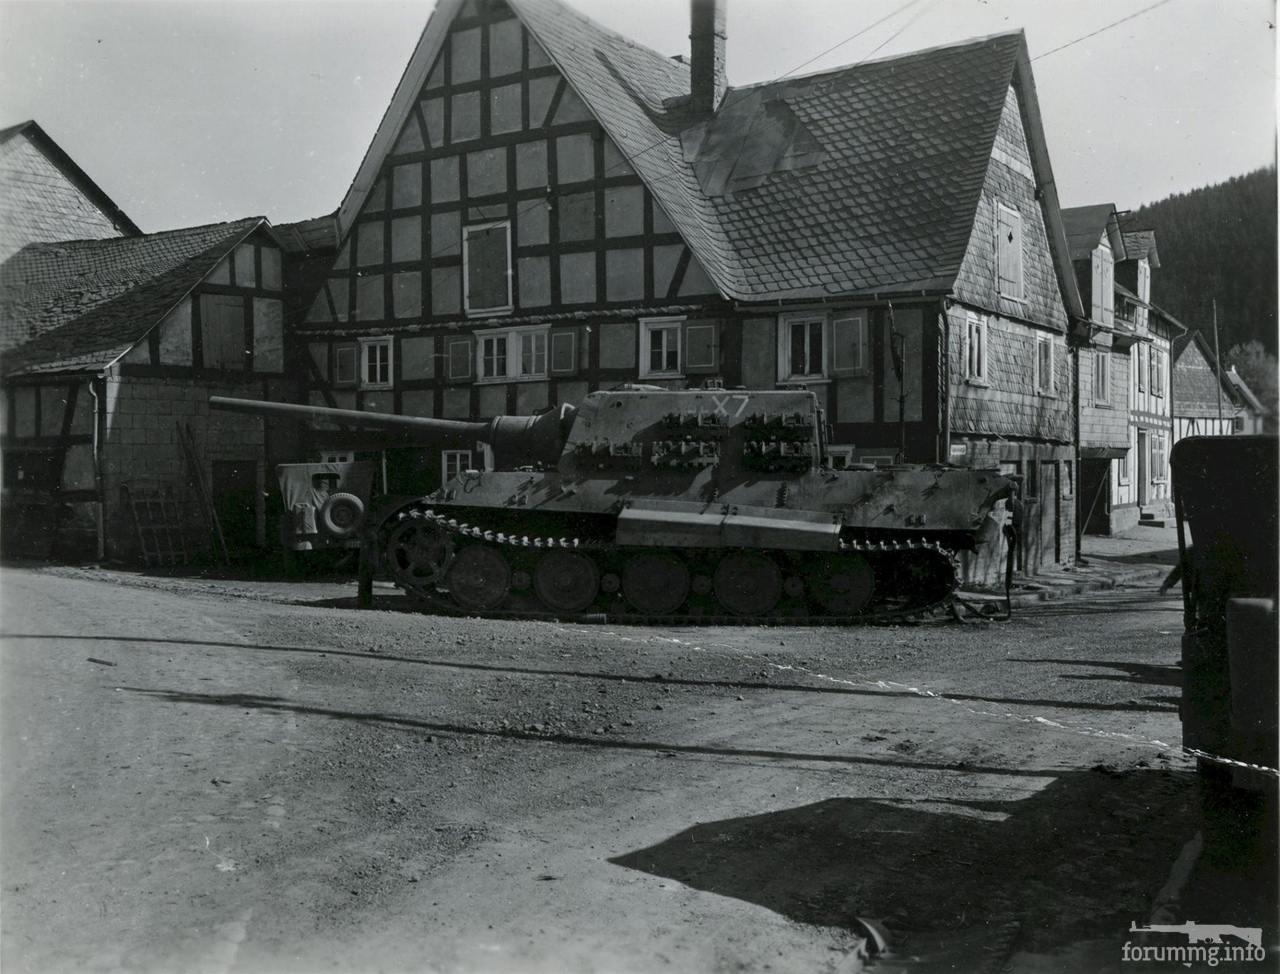 122004 - Achtung Panzer!